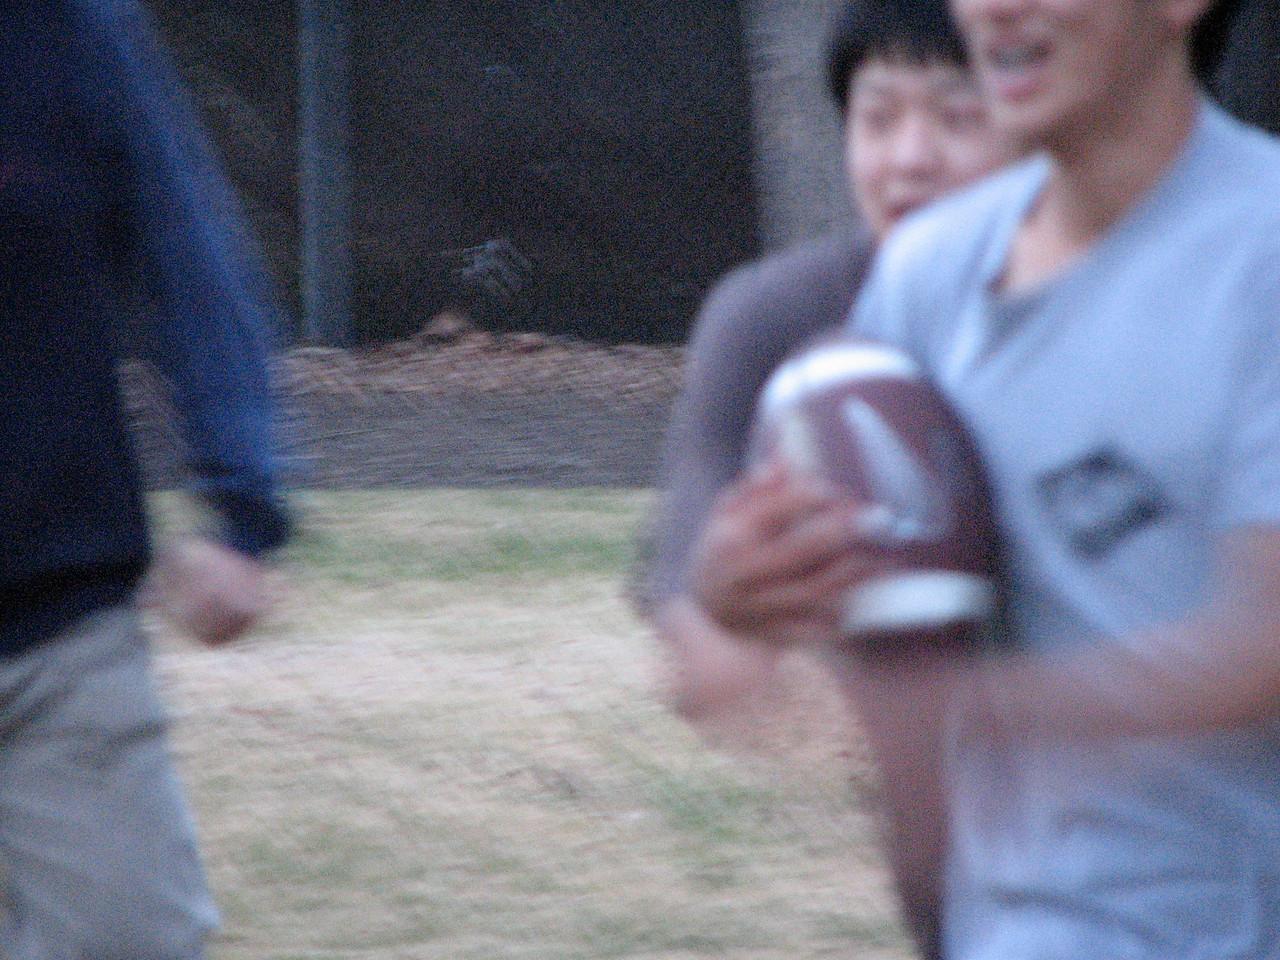 2006 12 31 Sun - QB rush